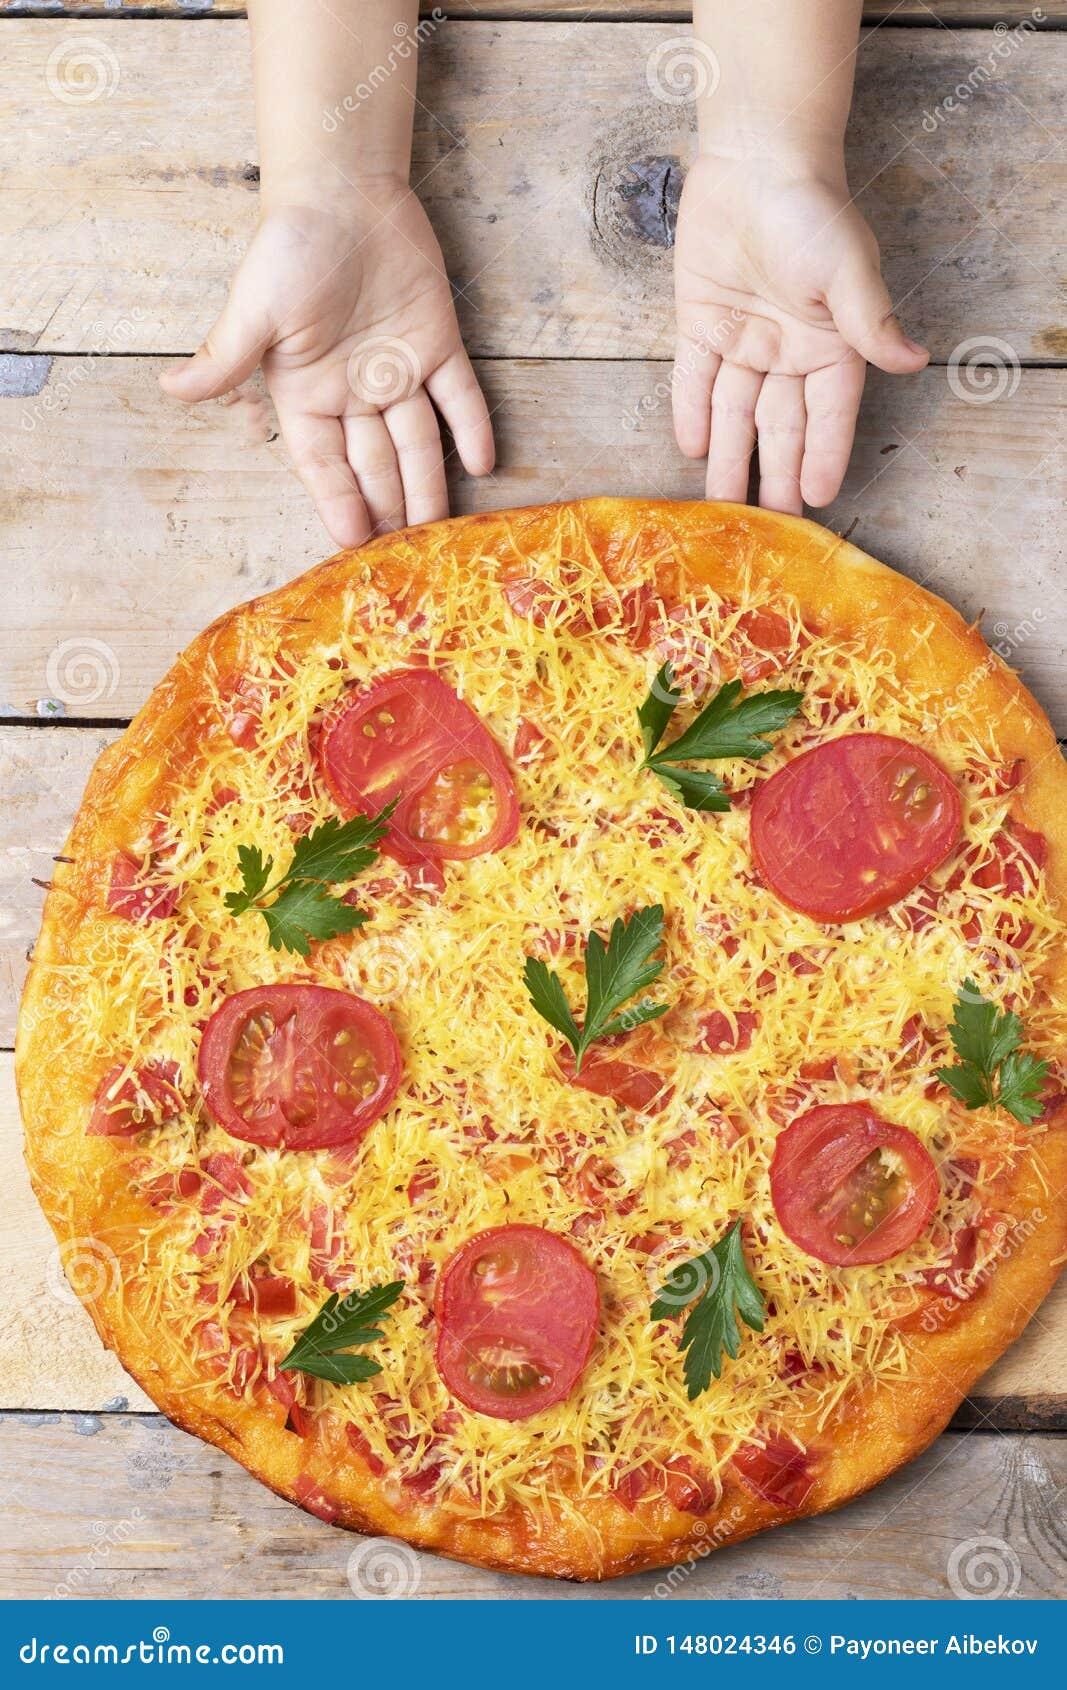 Dzieciak r?ki trzymaj? serow? pizz? z pomidorami i basilem, weganinu posi?ek na drewnianym wie?niaka stole, odg?rny widok